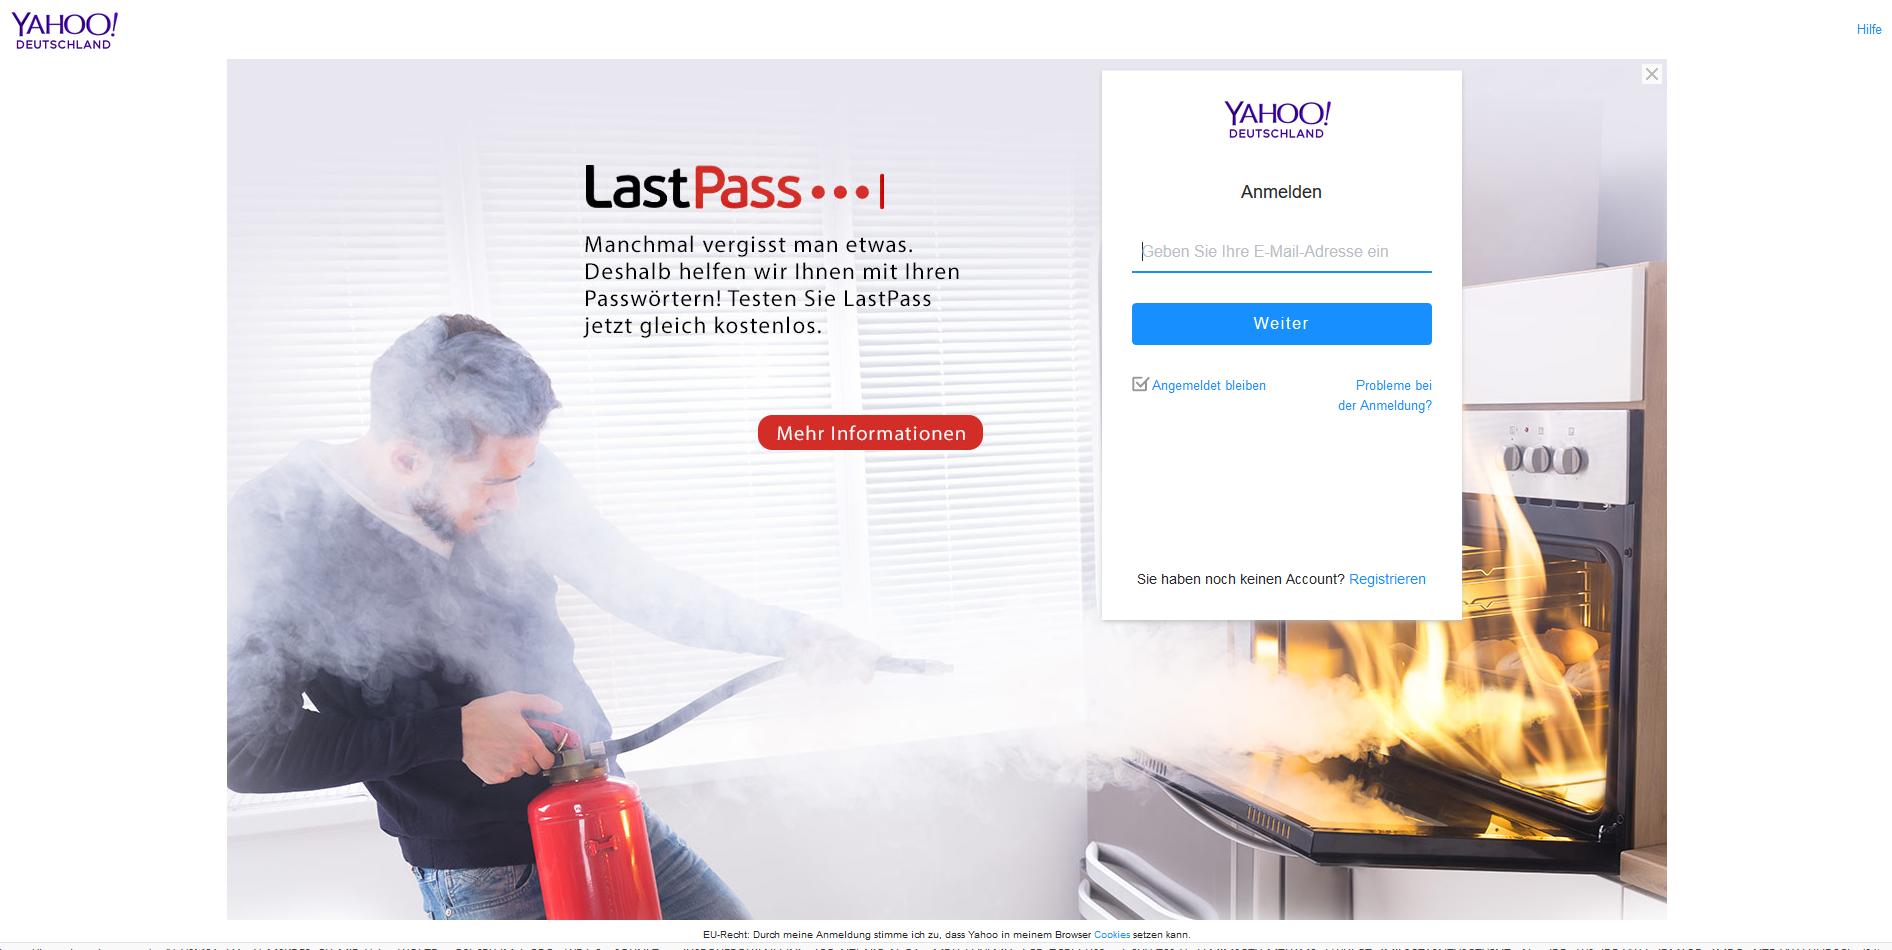 Deutschland anmelden yahoo Yahoo